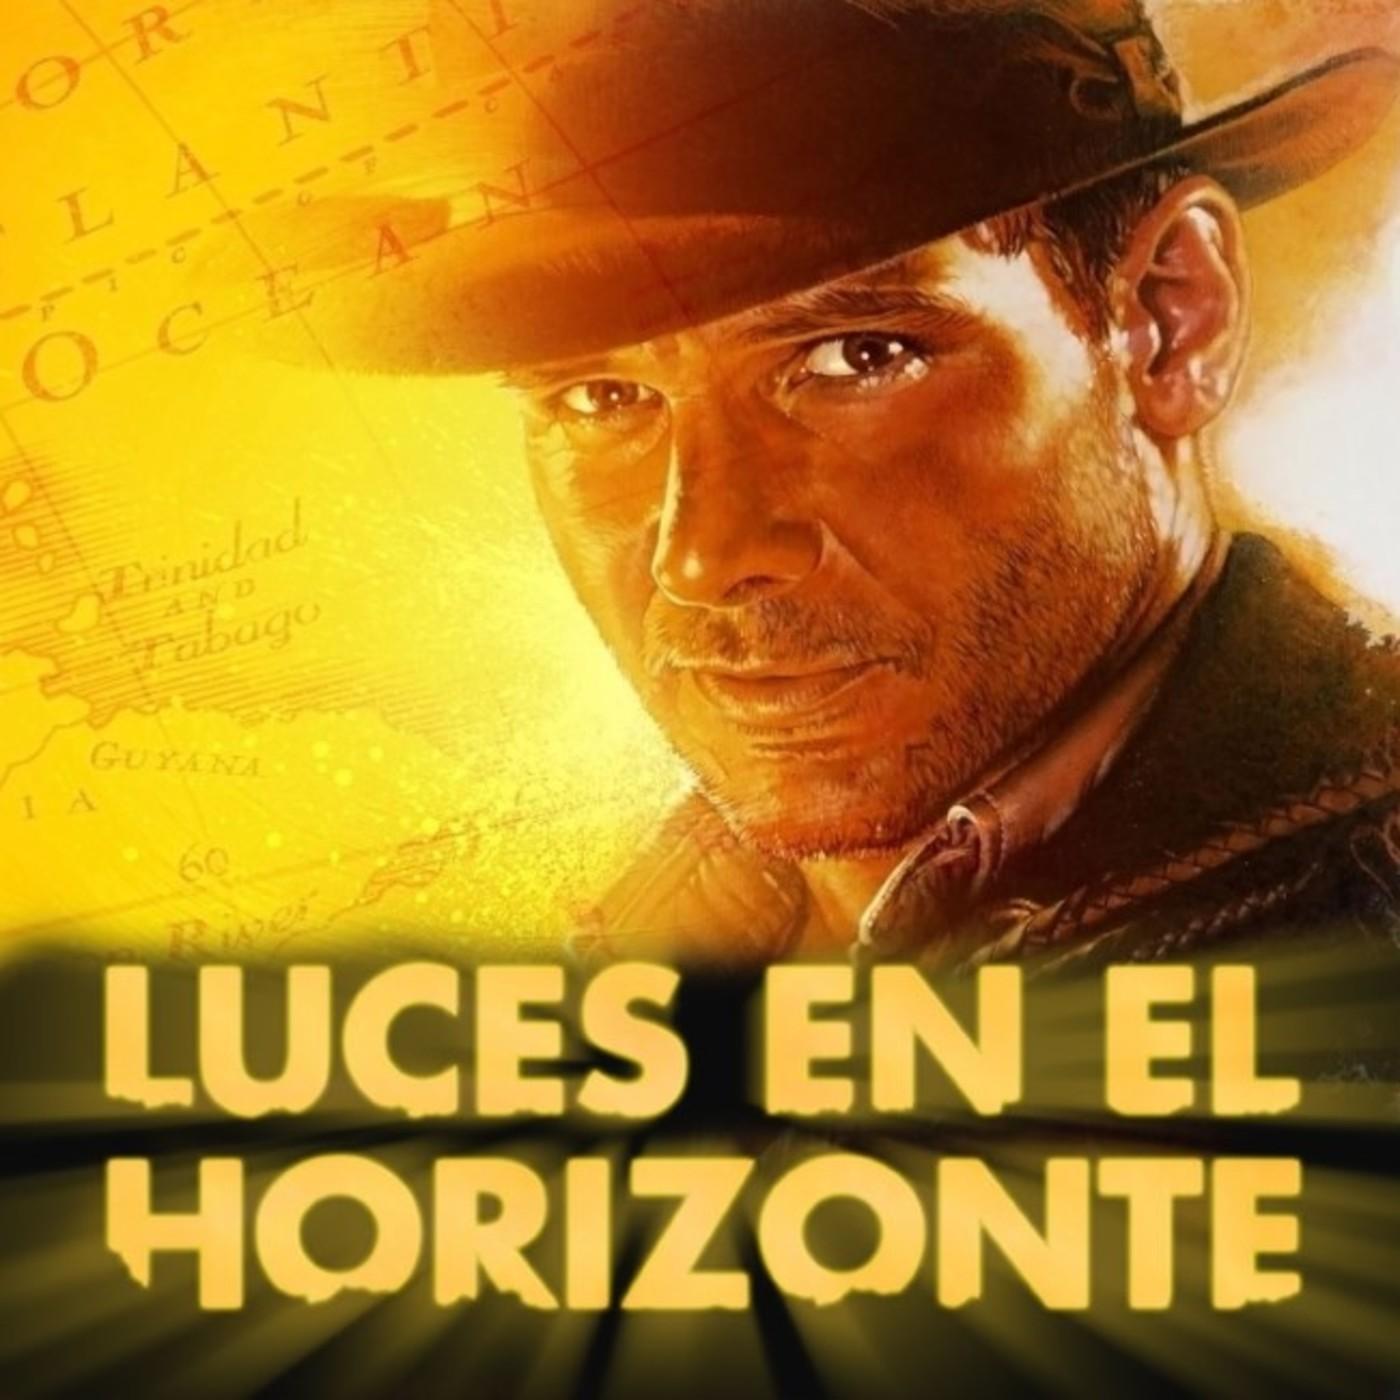 Luces en el Horizonte INDIANA JONES (La tetralogía) en Luces en el  Horizonte en mp3(17 08 a las 22 28 24) 08 27 47 12577424 - iVoox cd0f333934d